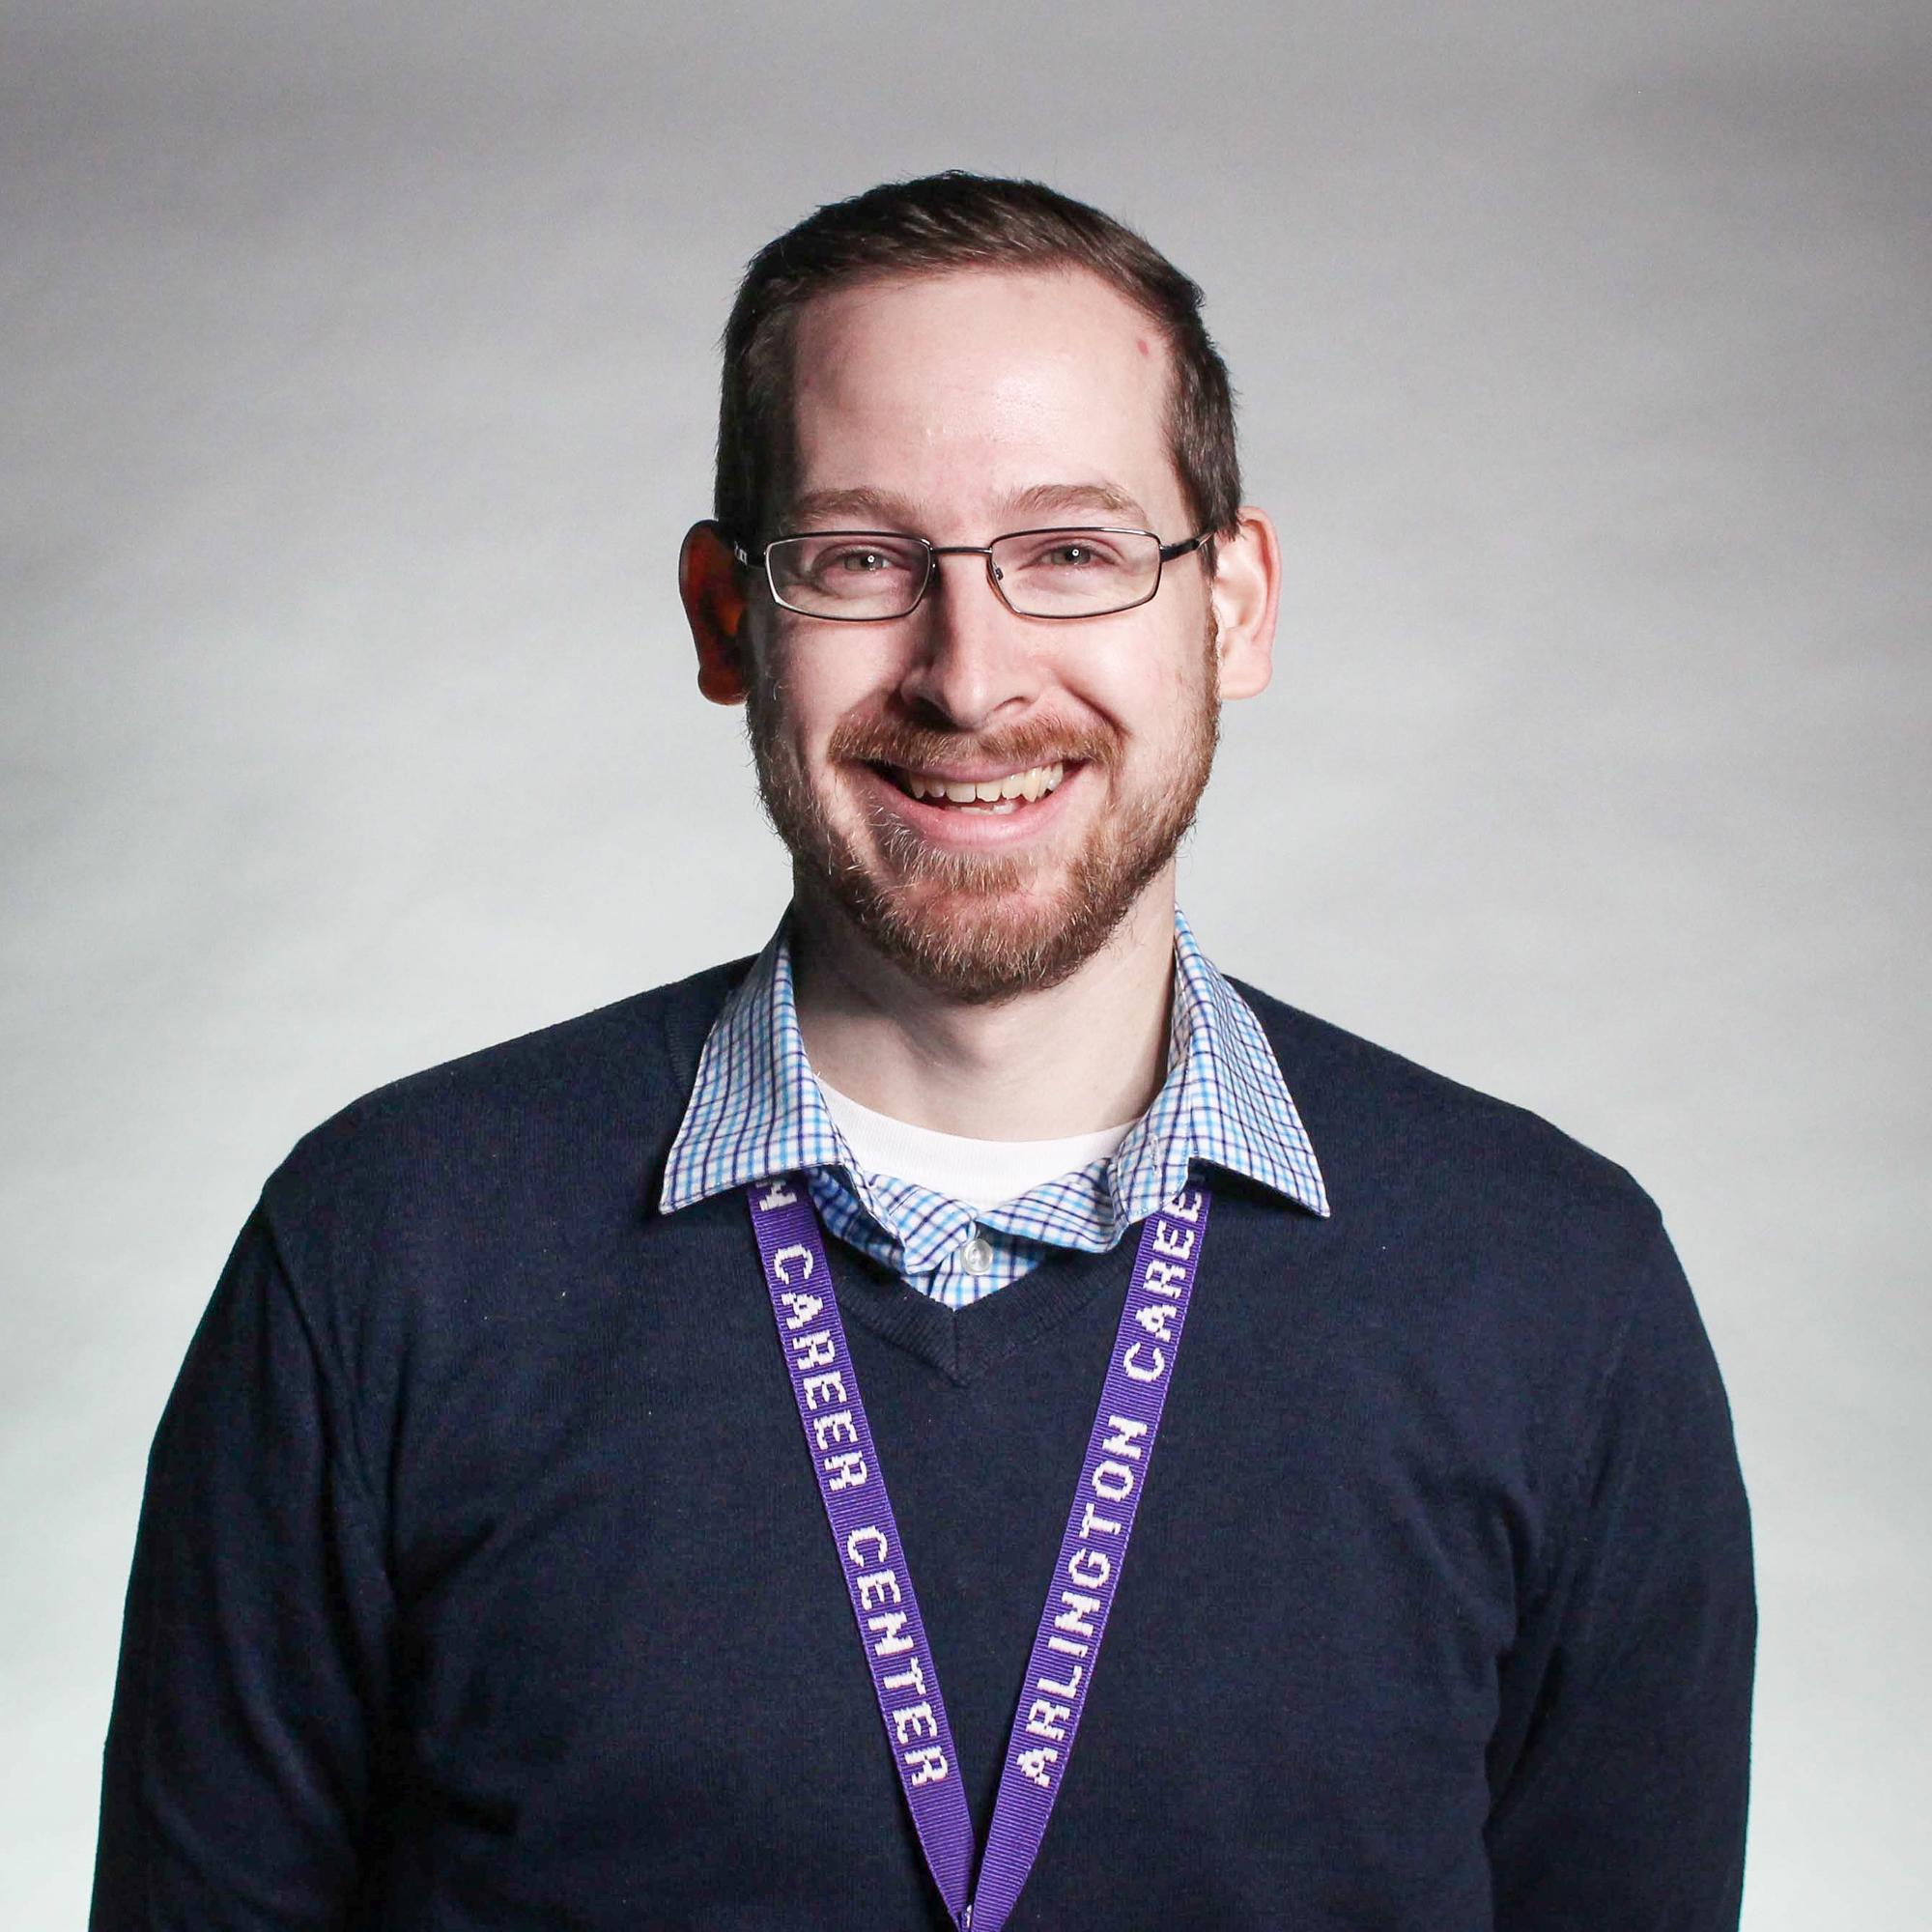 Mr. Erik Healey